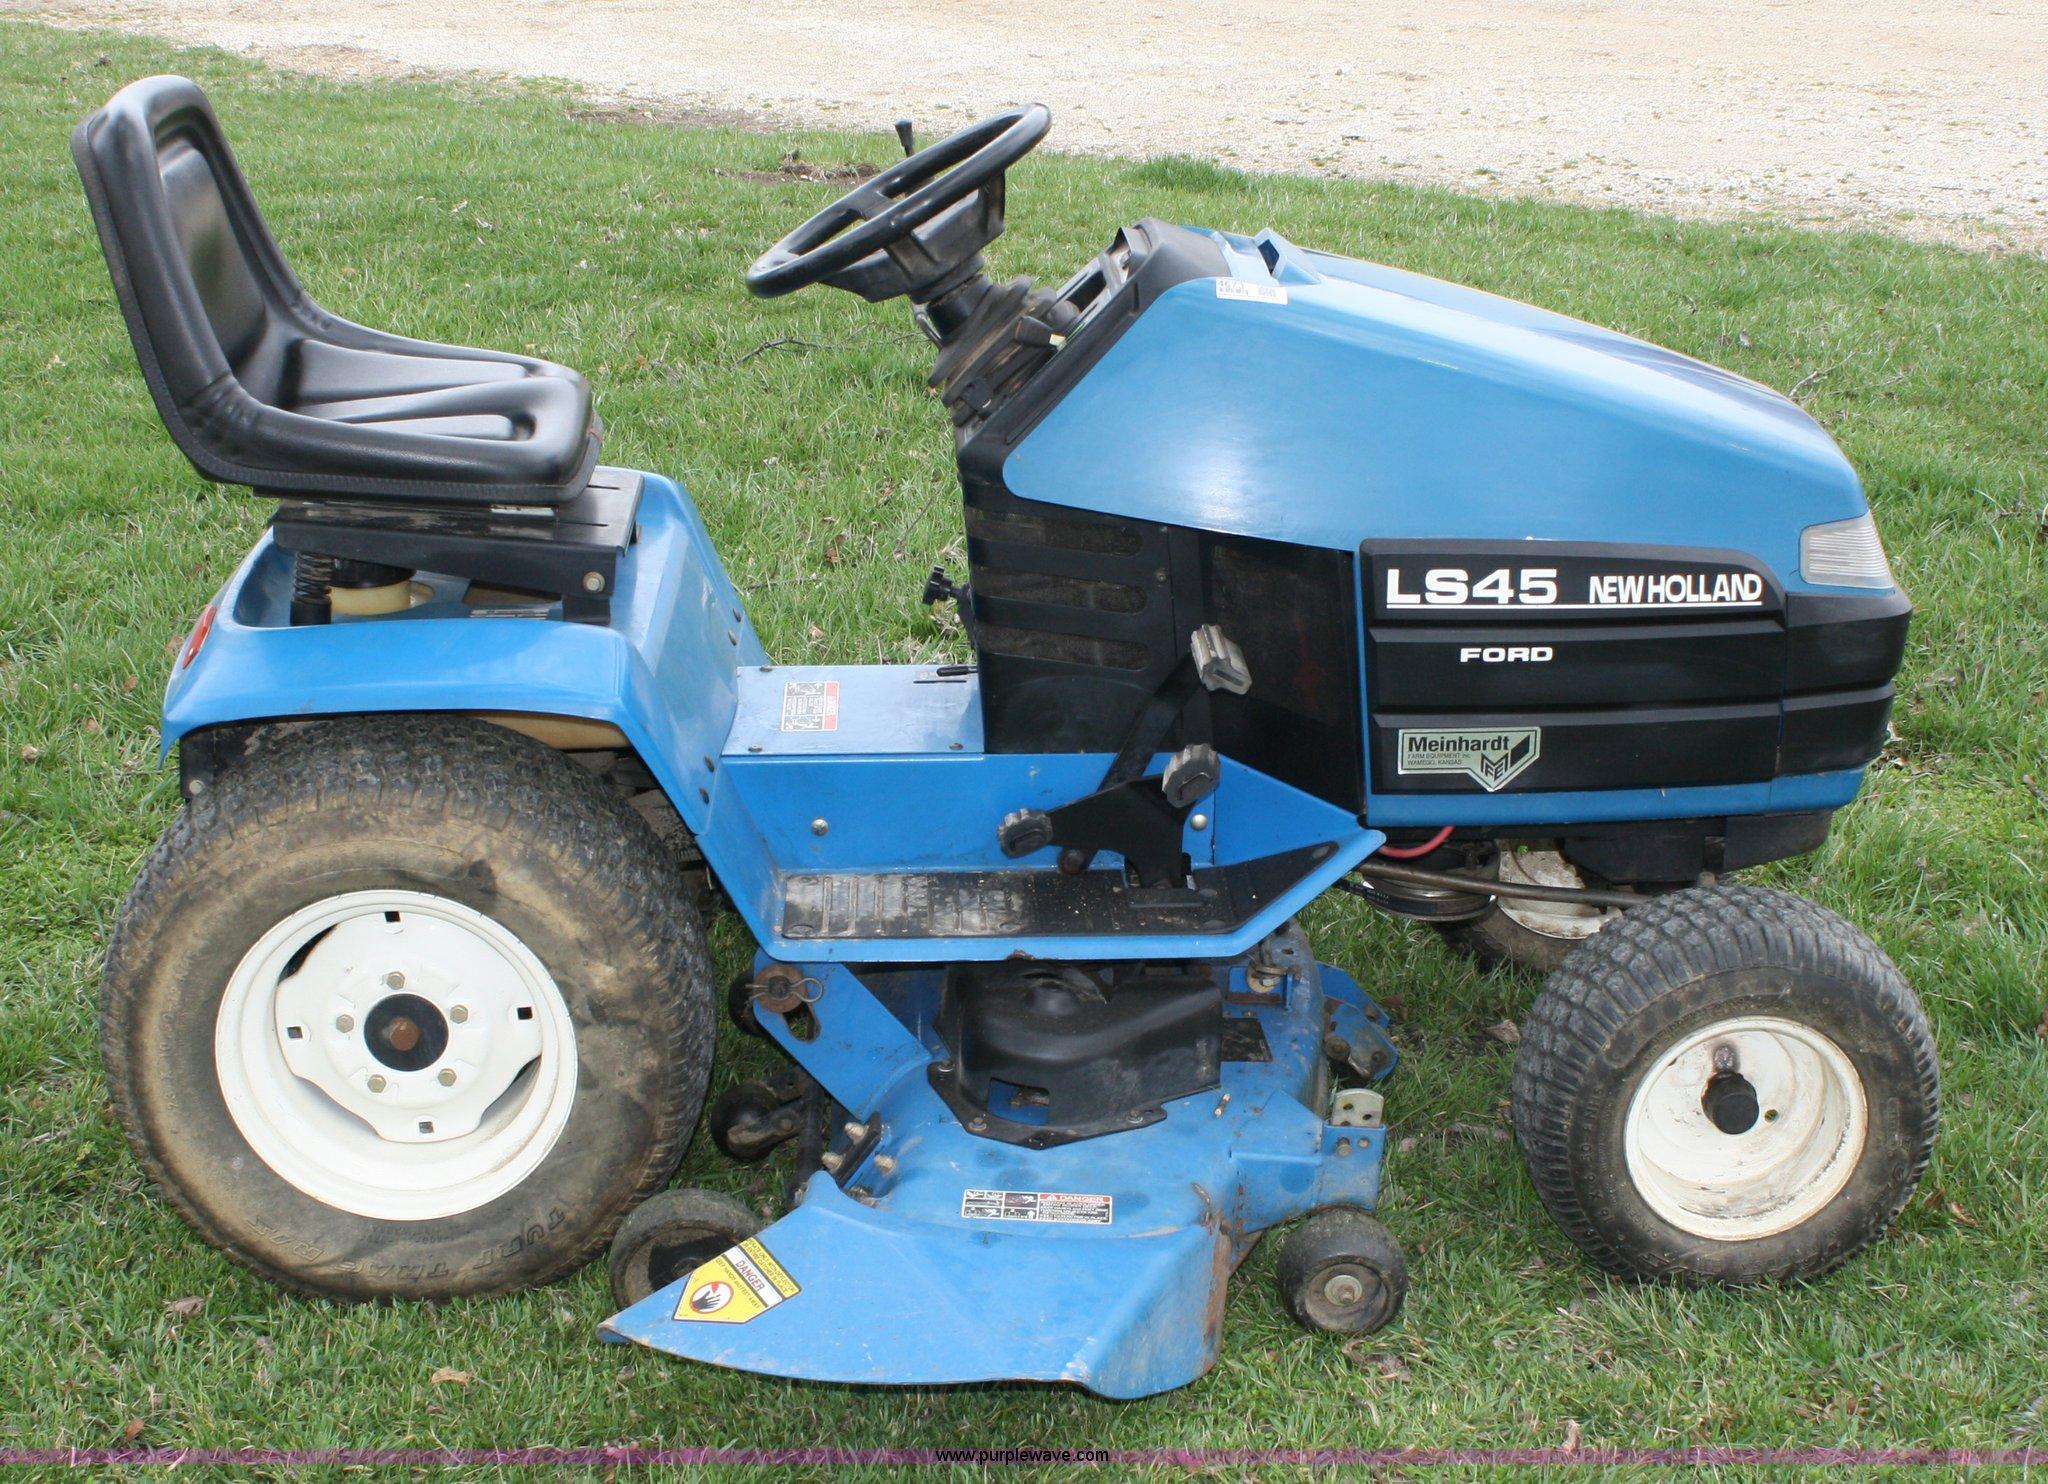 Deutz Allis Lawn Tractor Deck Diagram Wire Data Schema Agco Wiring New Holland Ls45 Dealers Mower